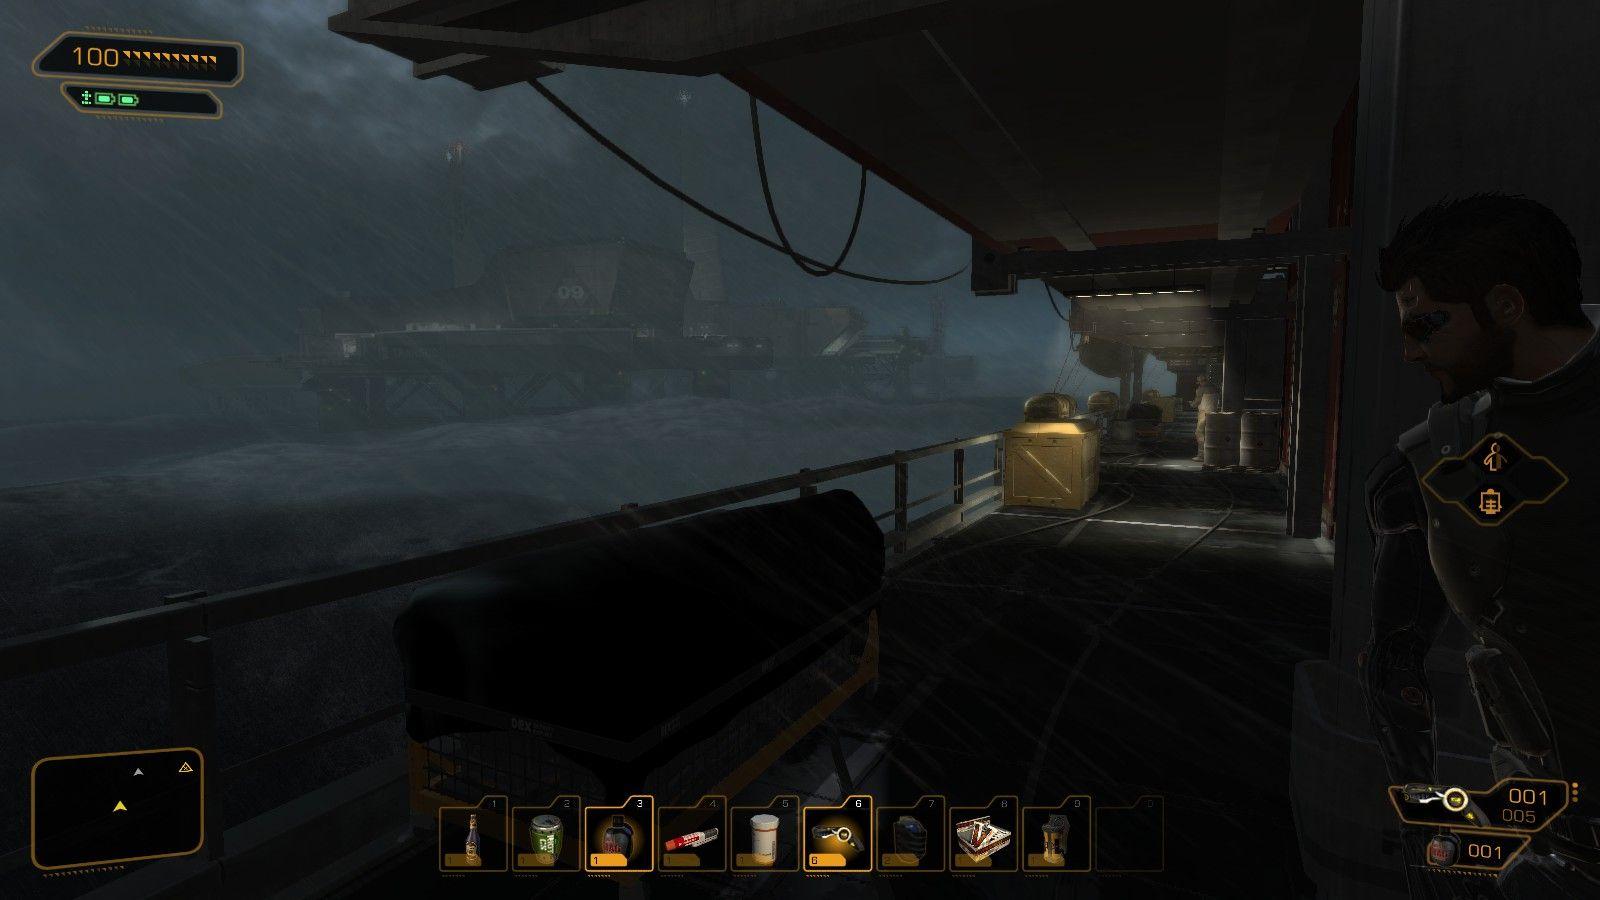 L'ambientazione è suggestiva e ricorda il livello iniziale di Metal Gear Solid 2.